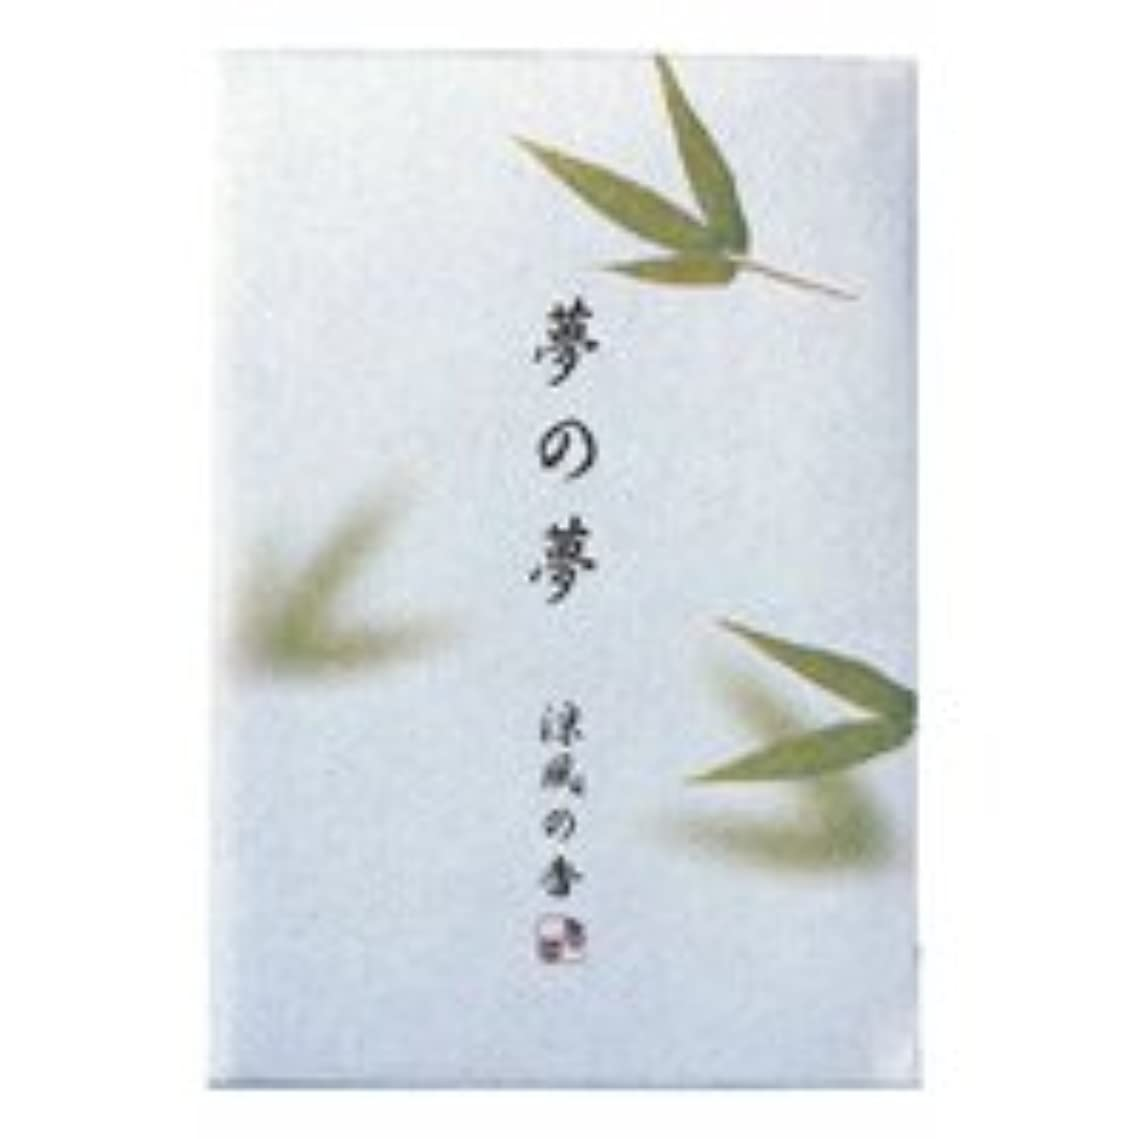 挽くくるみ掘る日本香堂 夢の夢 涼風の香(すずかぜ) お香 スティック 12本